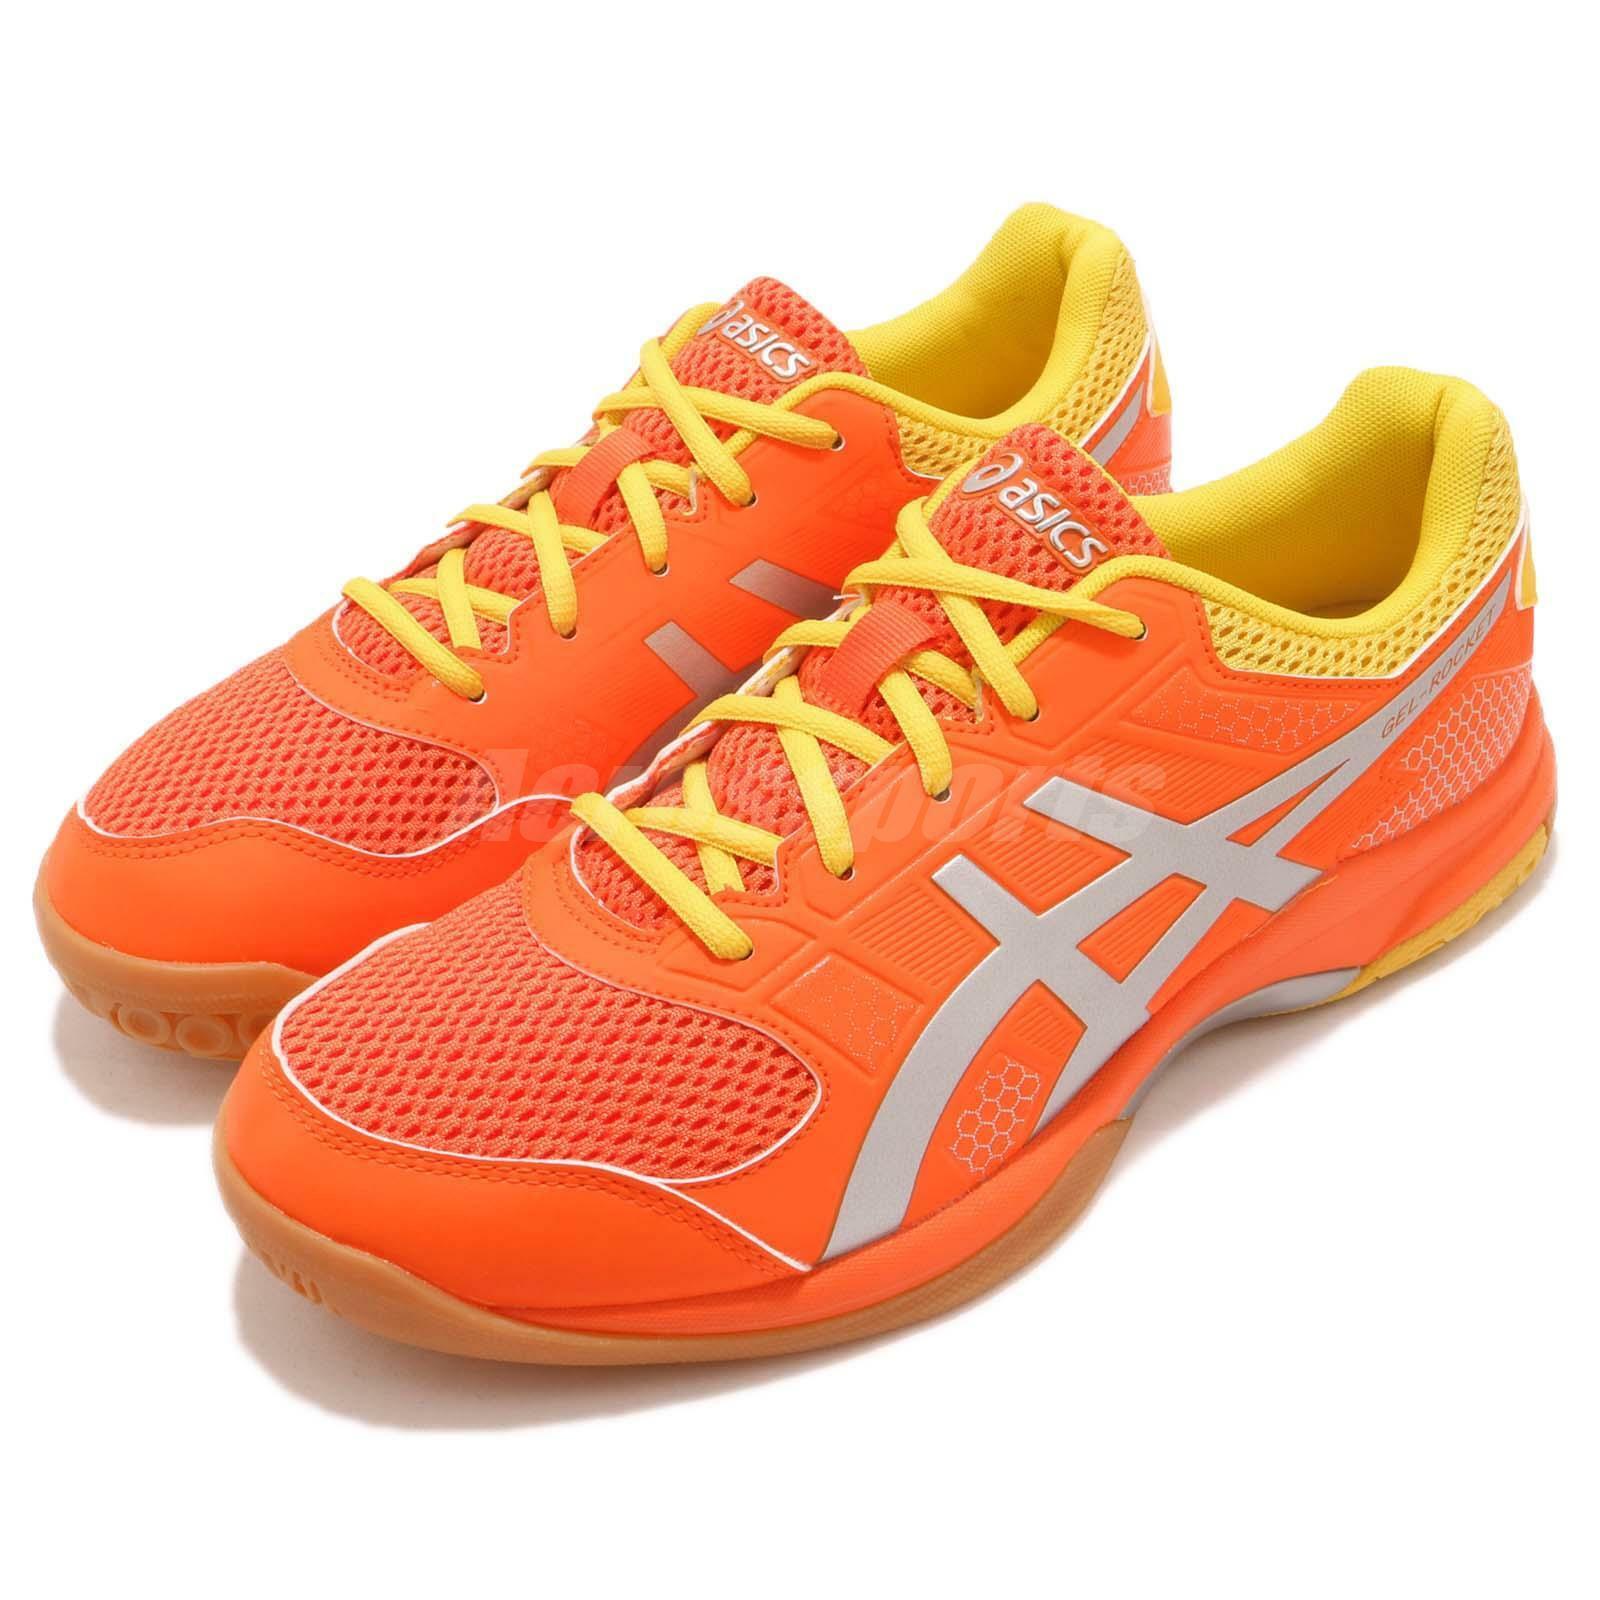 Asics Gel -Rocket 8 Koi orange silver Gum män män män Volleyball Badminton skor B706 -Y800  Beställ nu